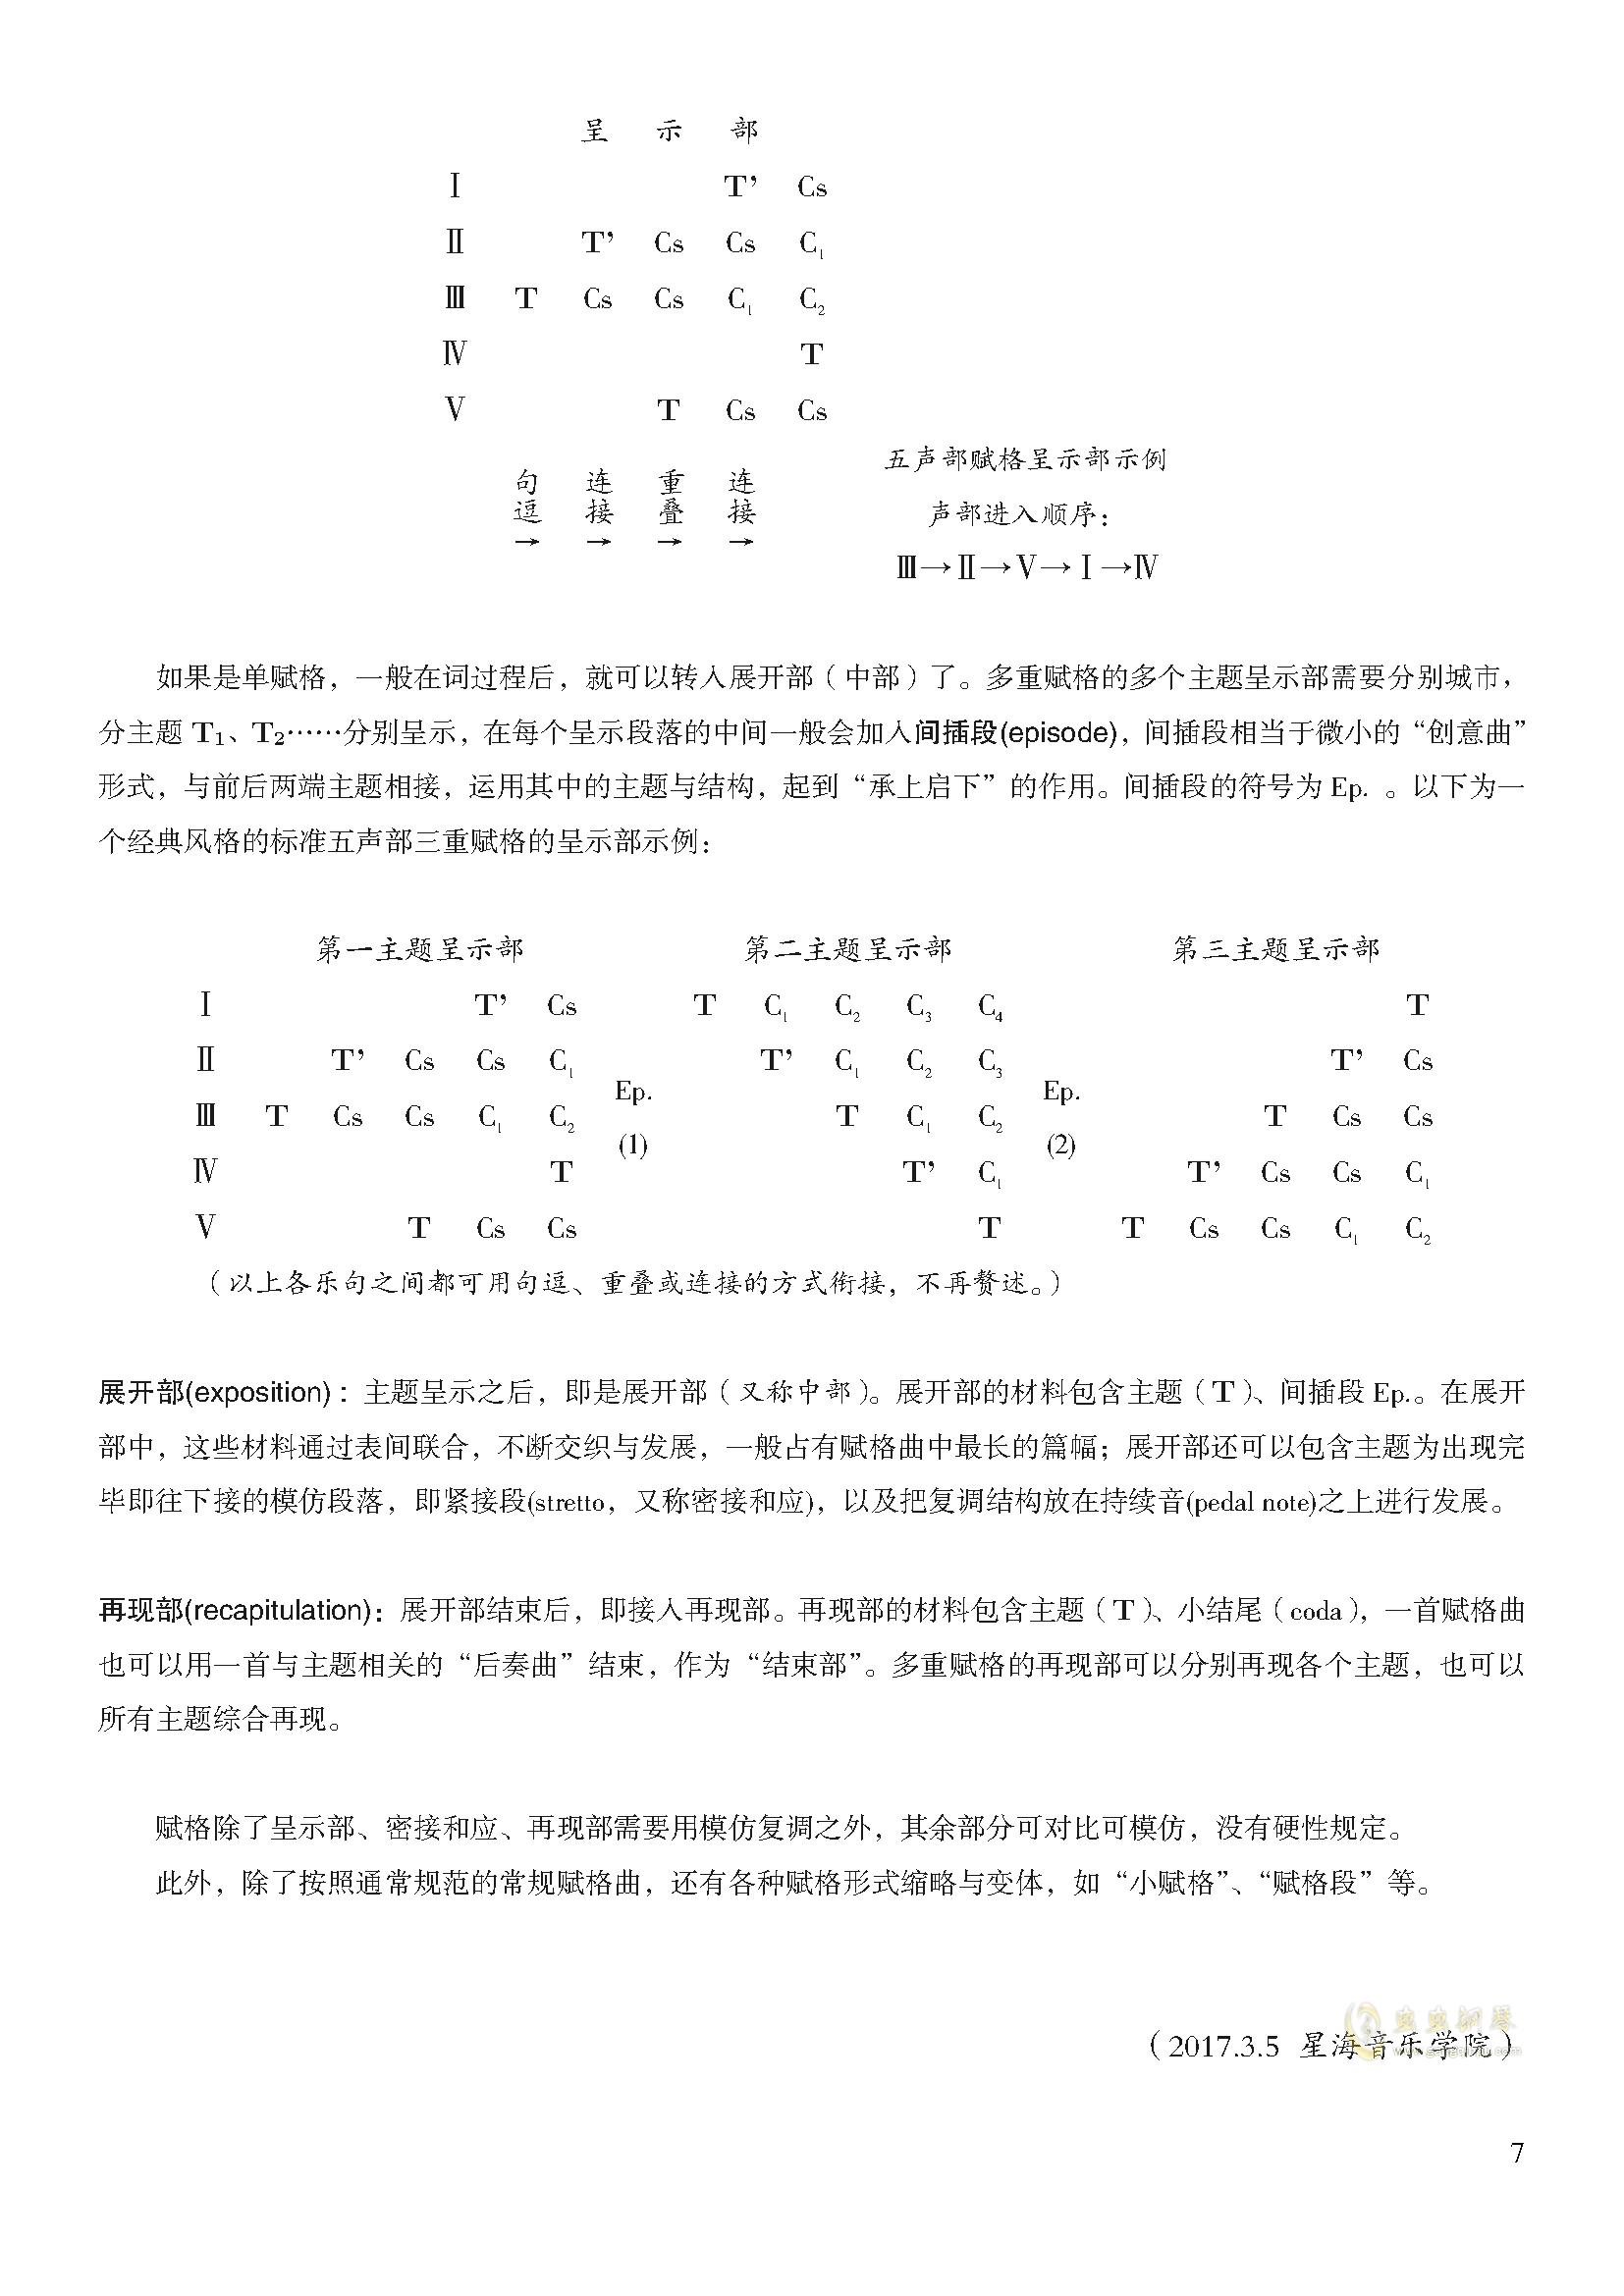 多声部音乐技法全总结钢琴谱 第7页